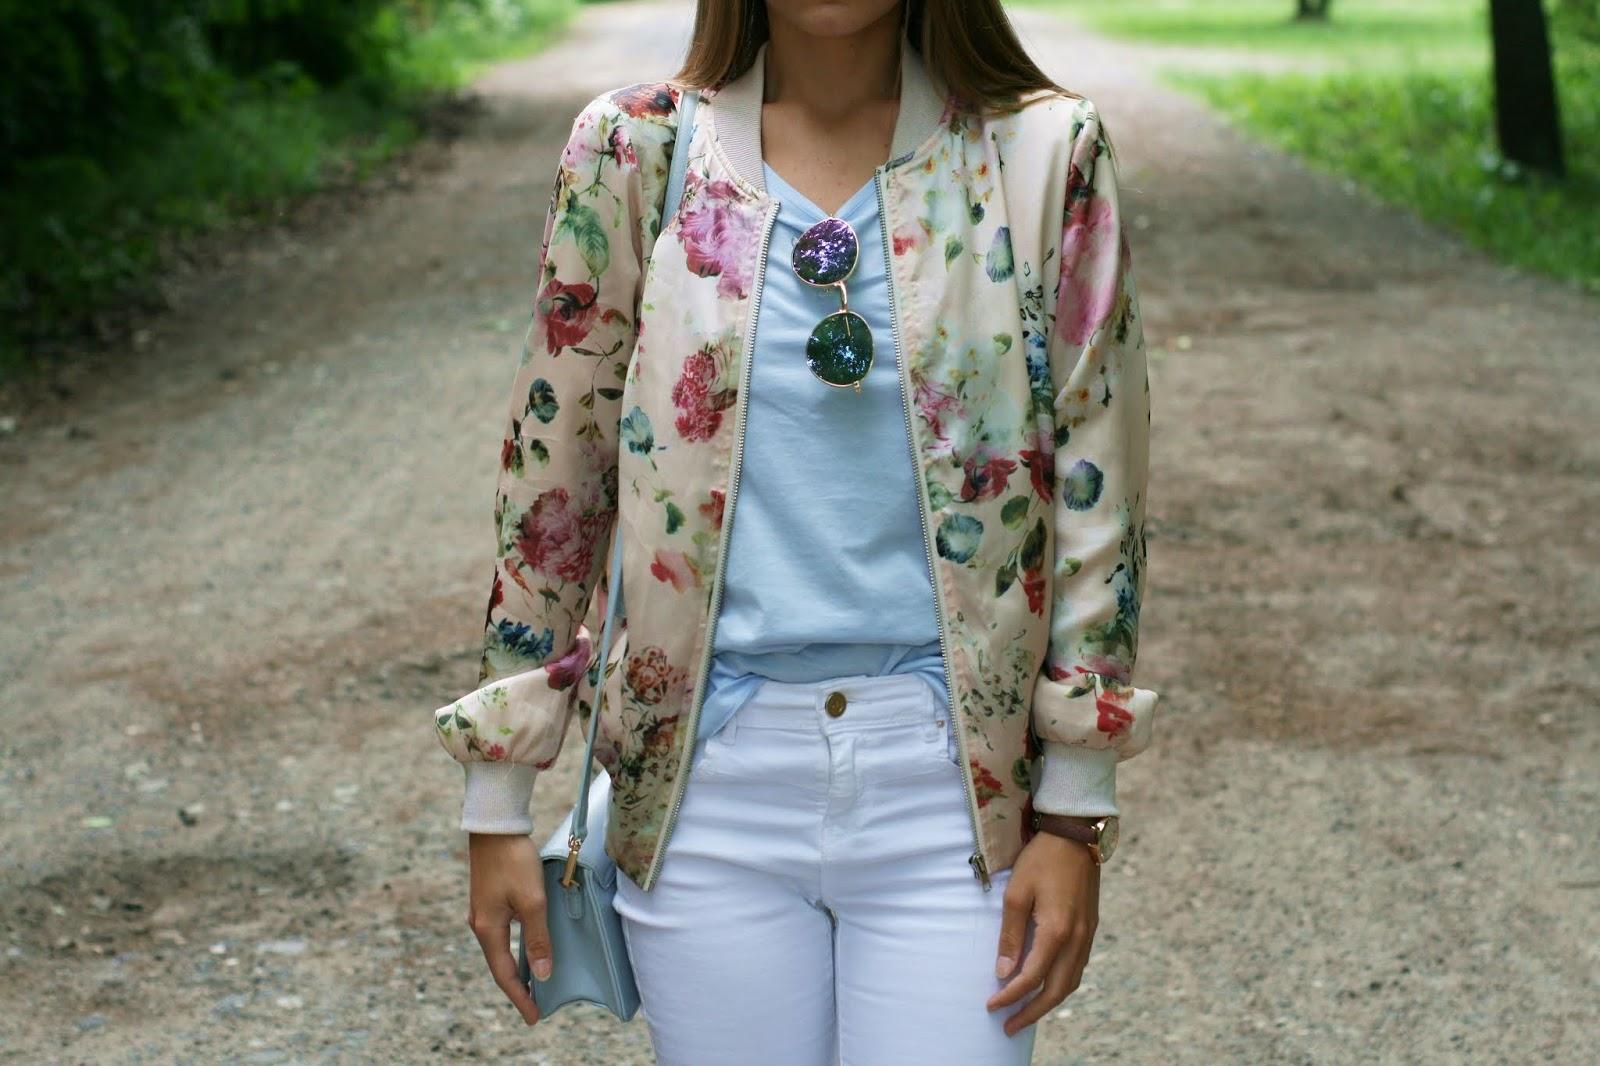 Baby blue and floral print bomber jacket | Pastelowo-niebieskie dodatki i bomberka z kwiatowym printem